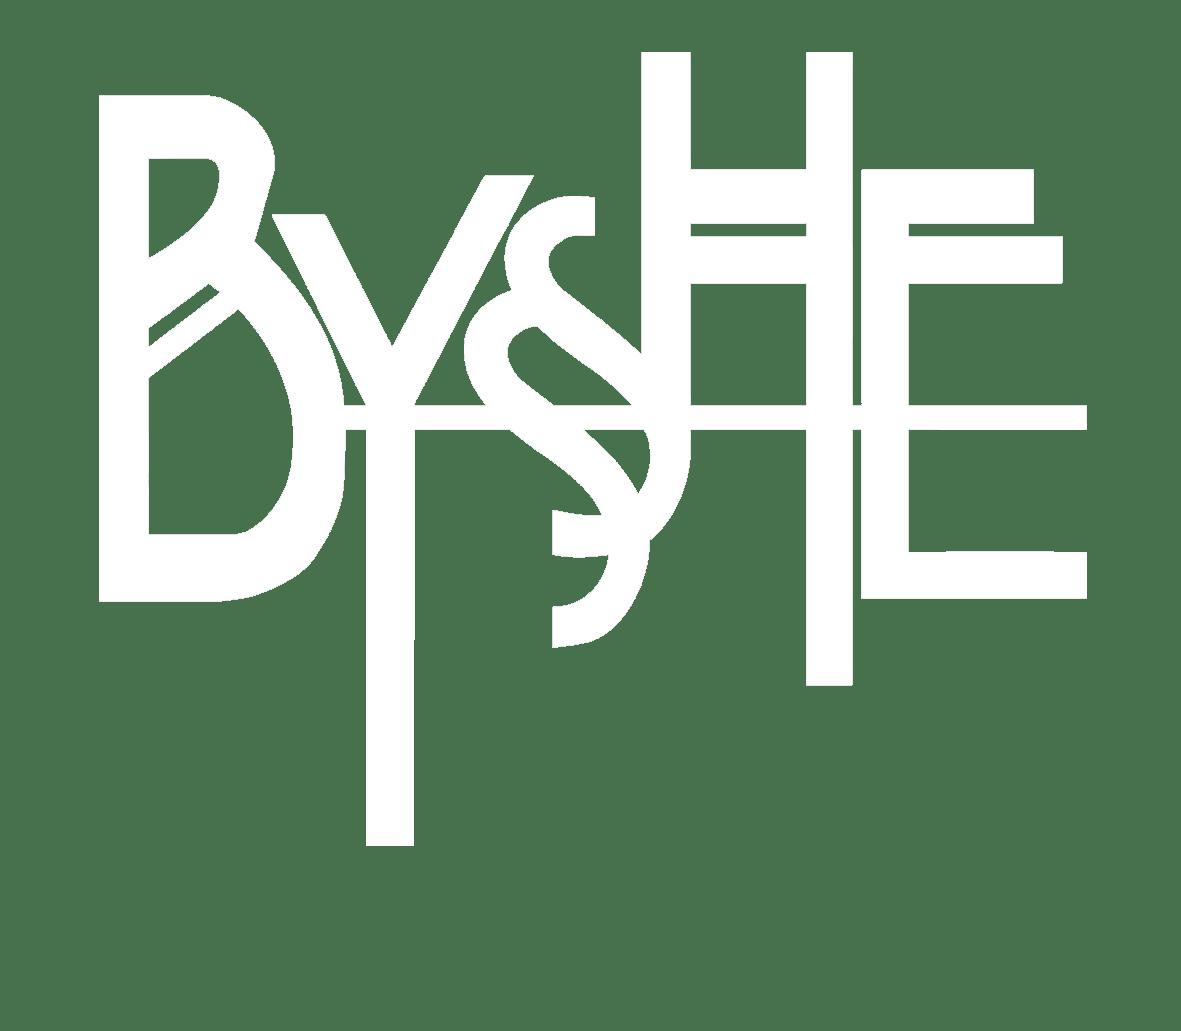 logo du groupe Bysshe Band